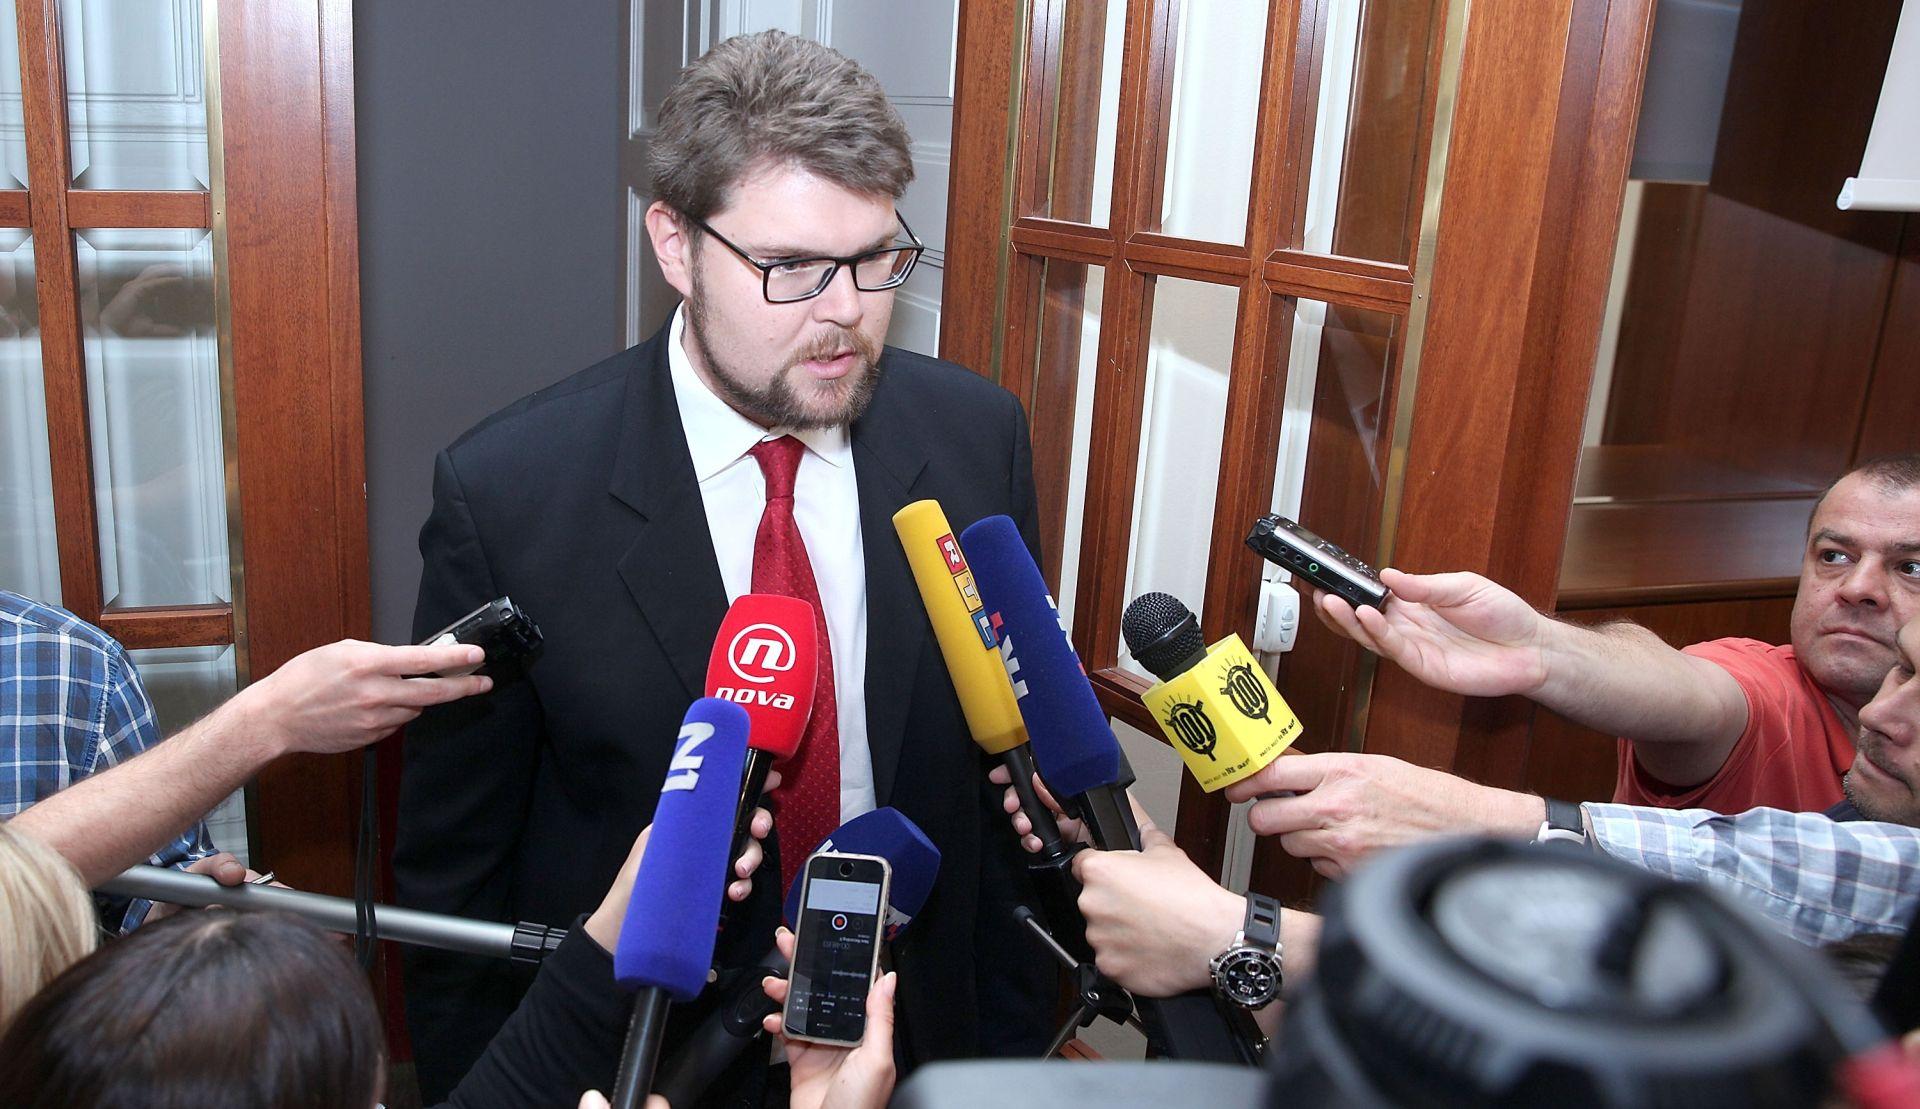 Grbin: Neka Kalmeta kaže tko je od SDP-ovih kandidata optužen ili osuđen